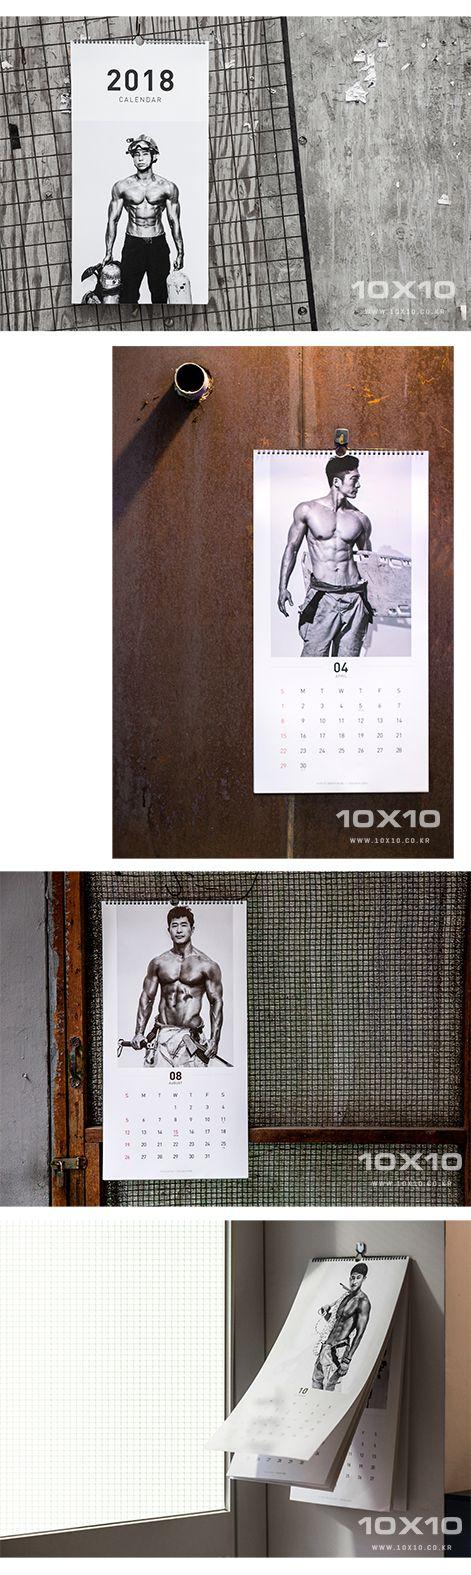 [텐바이텐] Photographer_BORI.LEE  Stylist_SUKYUNG.LEE  #tenbyten #10x10  #911 #119 #fireman #firefighter #calendar #stationery #black #gray